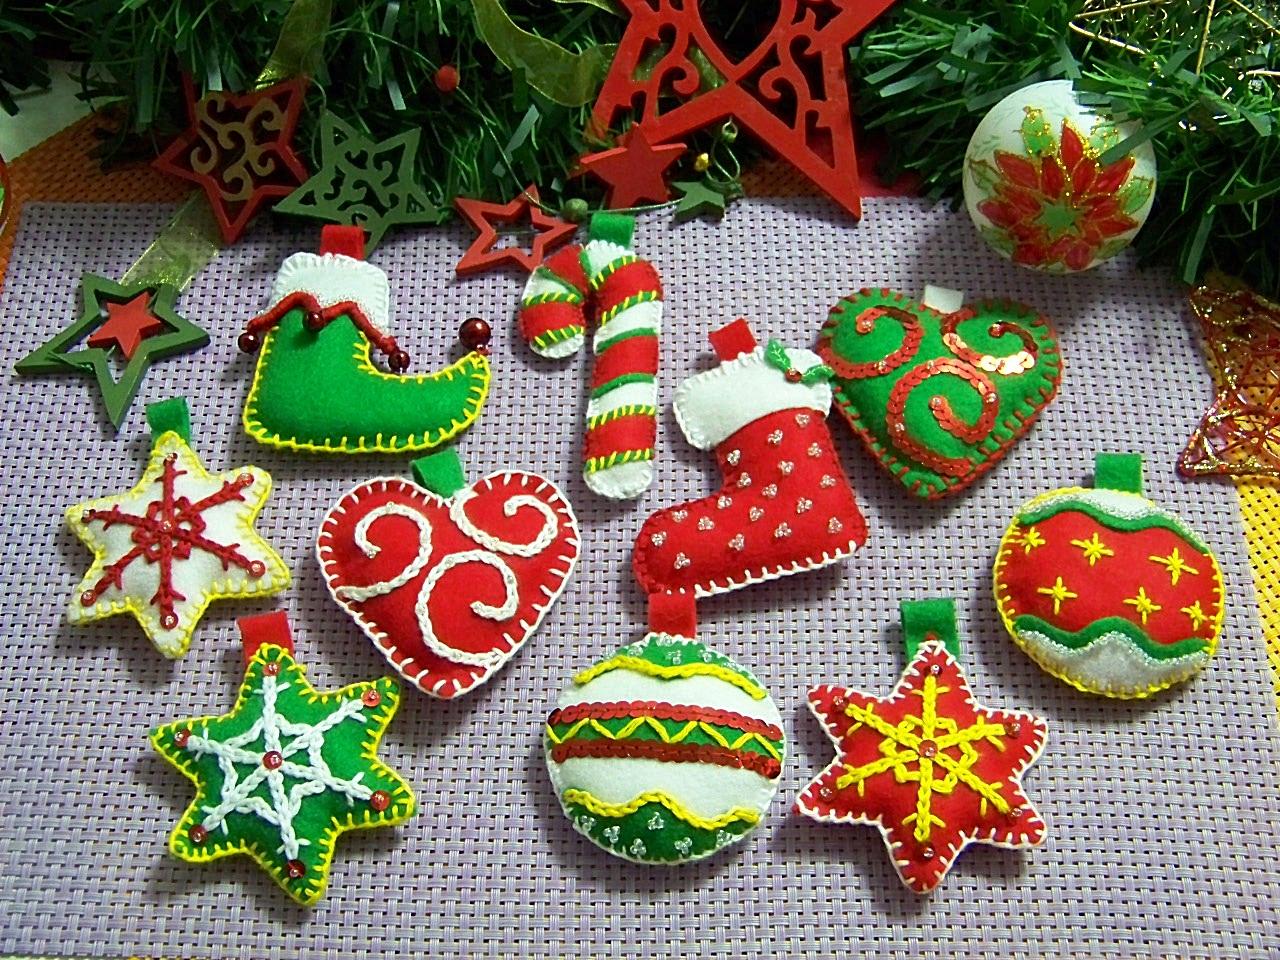 Mi cocinita de juguete feliz navidad mis adornos - Adornos originales para navidad ...